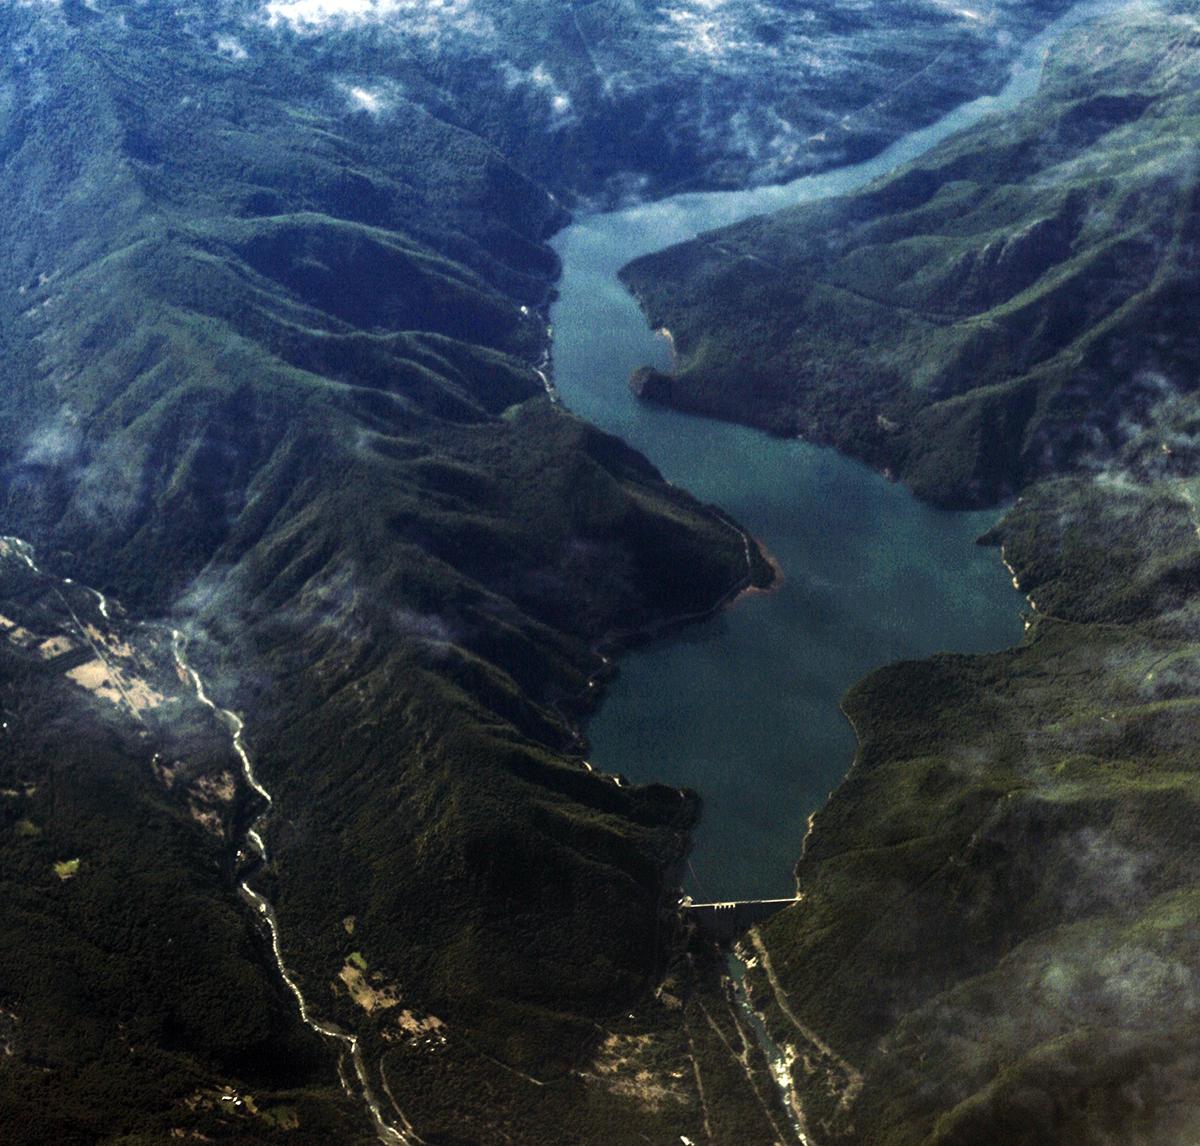 Represa Pangue, en el río Bío Bío. Foto: Álvaro Maurín